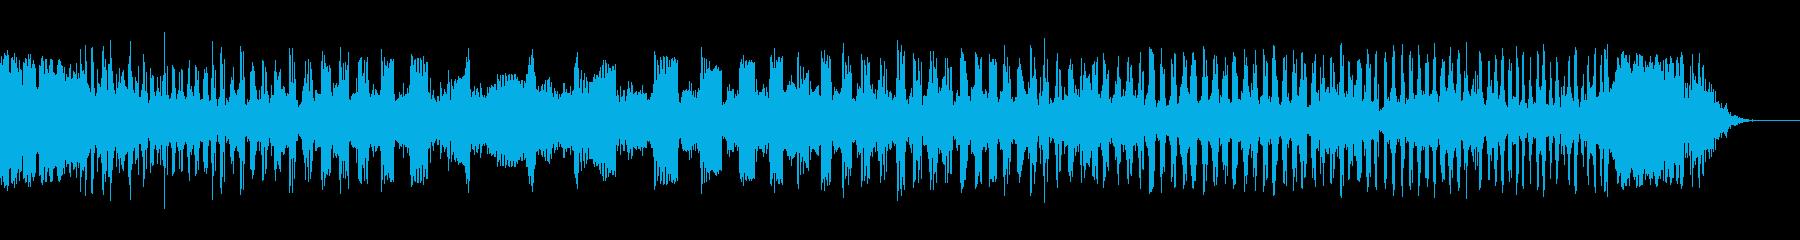 モーター過負荷の解消の再生済みの波形